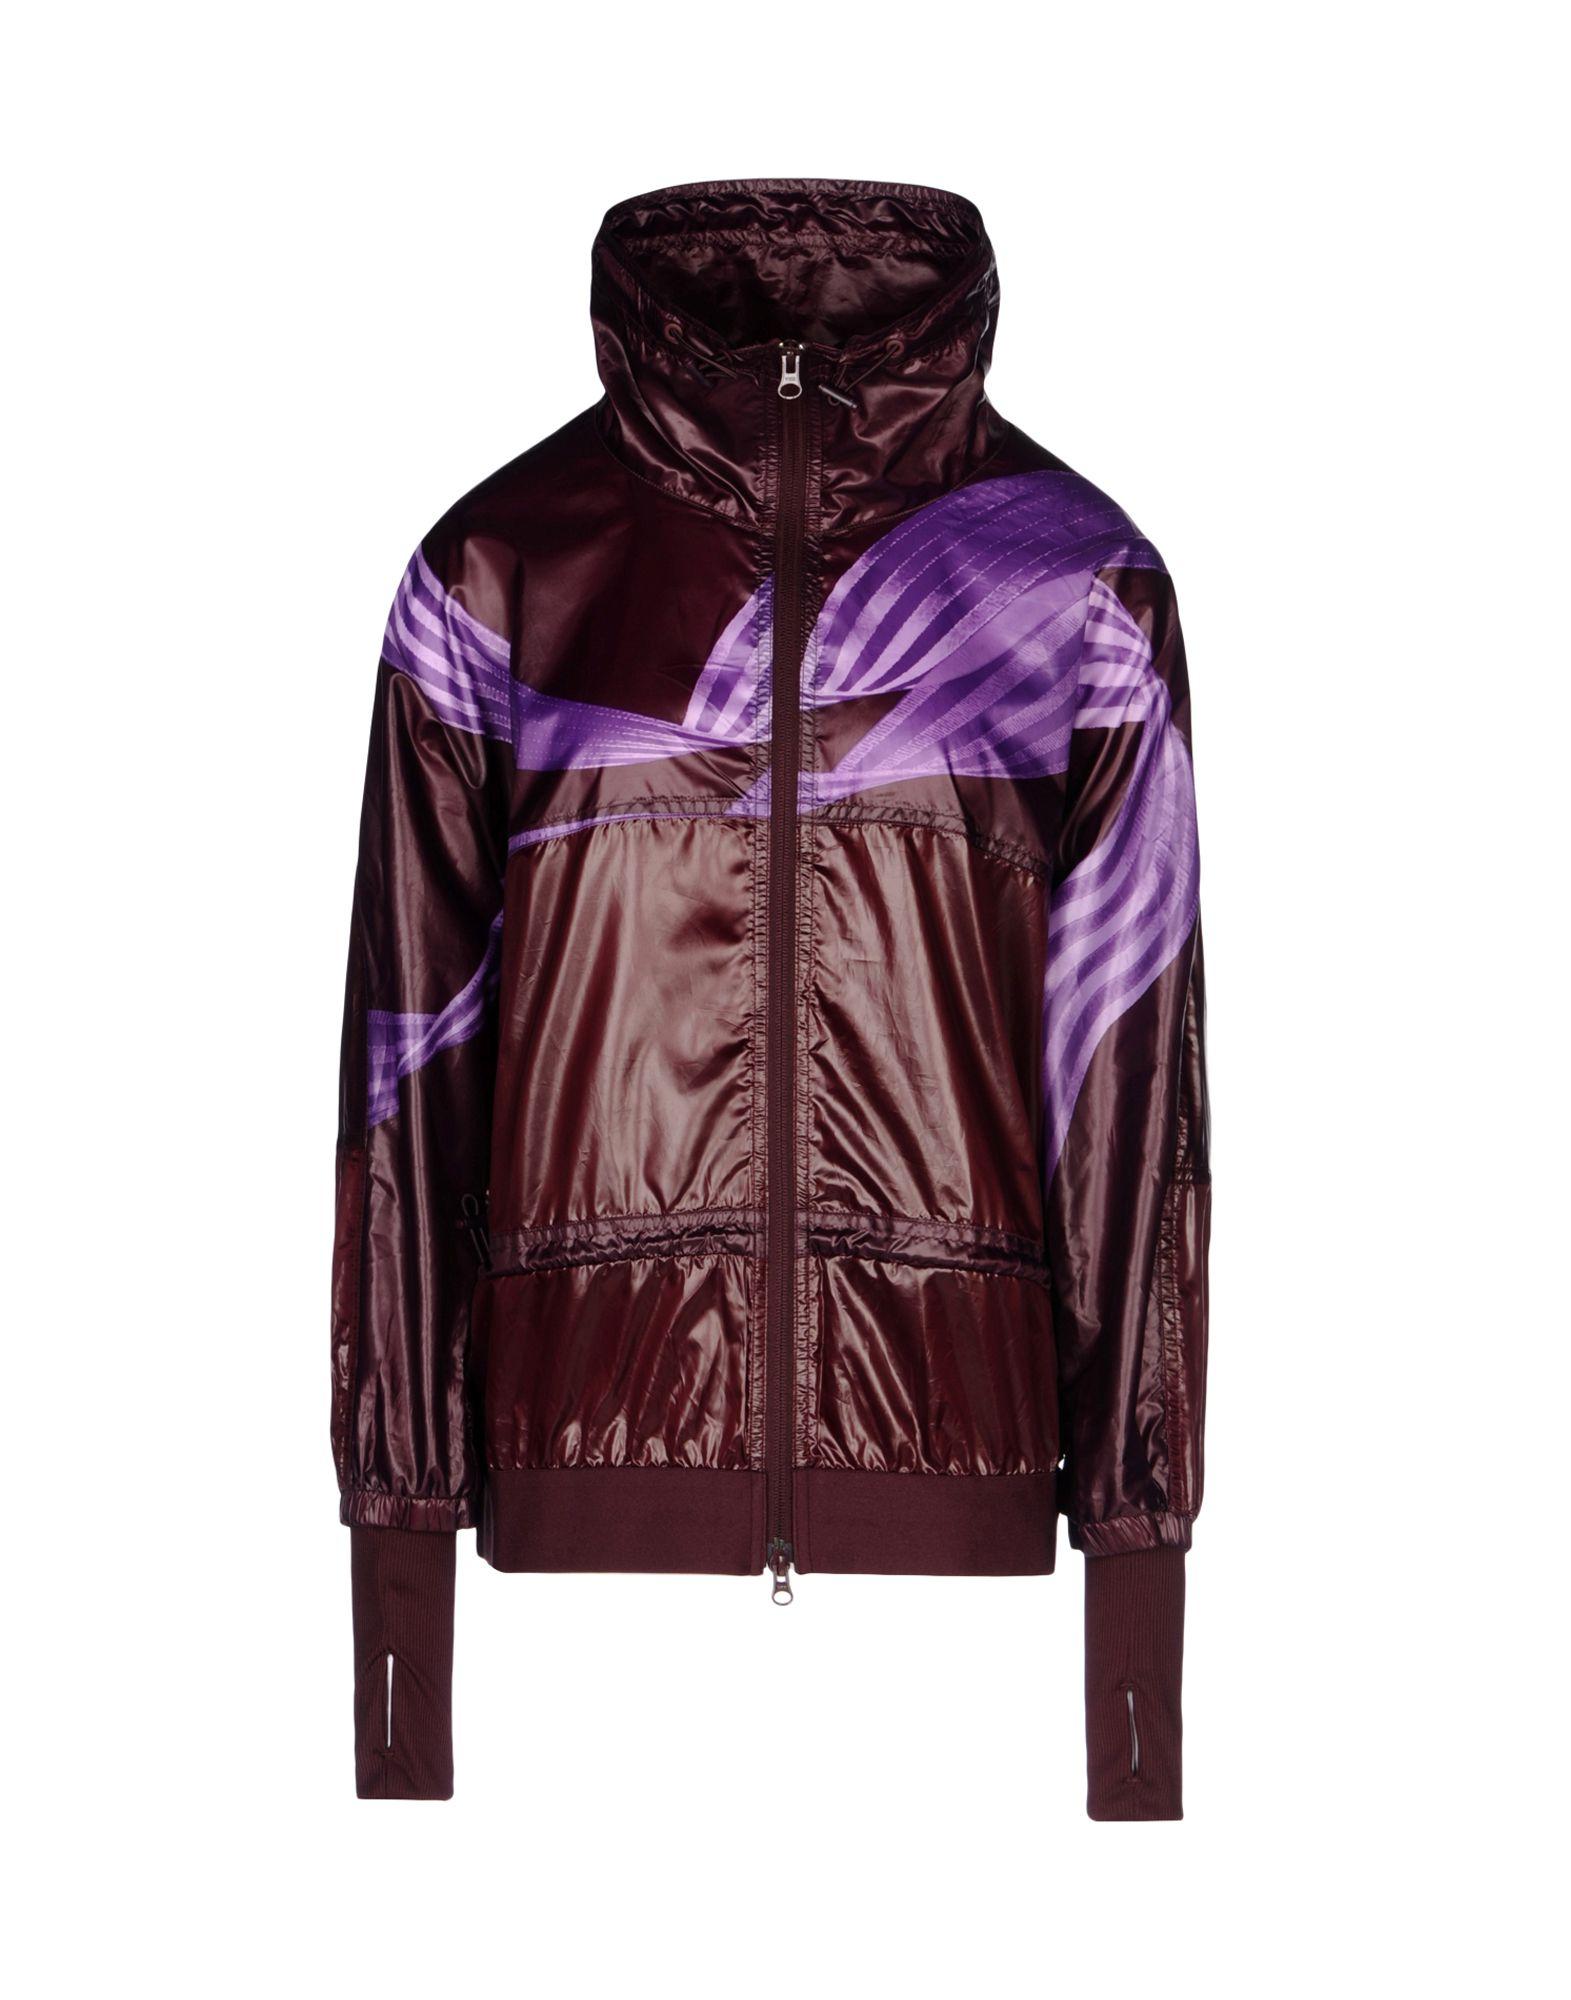 Giubbotto Adidas By Stella Mccartney Run Jacket - Donna - Acquista online su QxsatH80